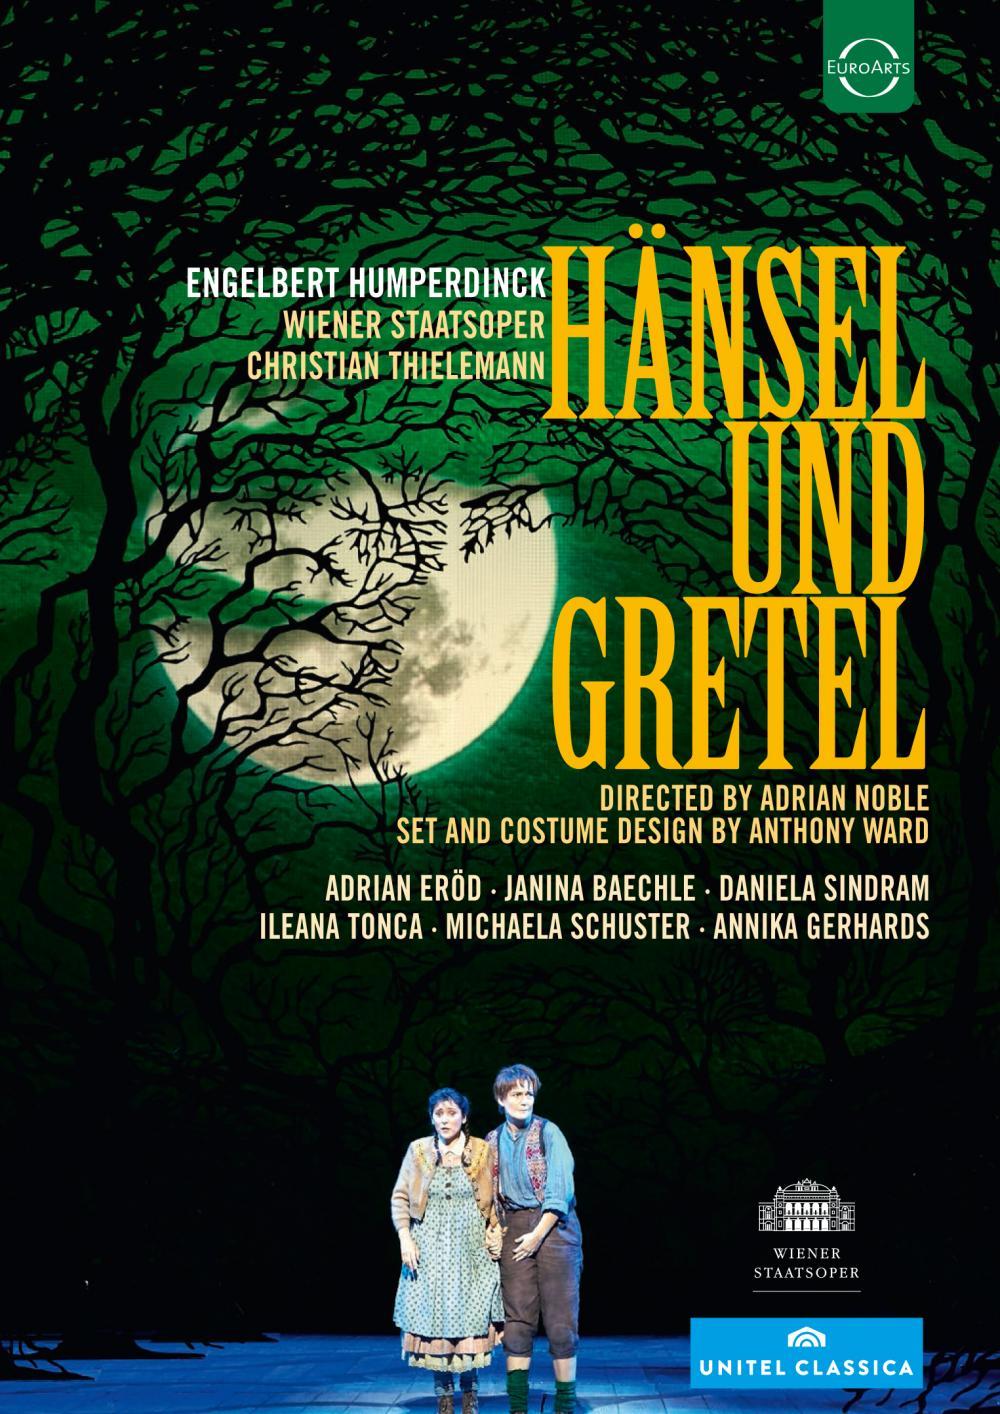 Engelbert Humperdinck – Hänsel und Gretel - EUROARTS